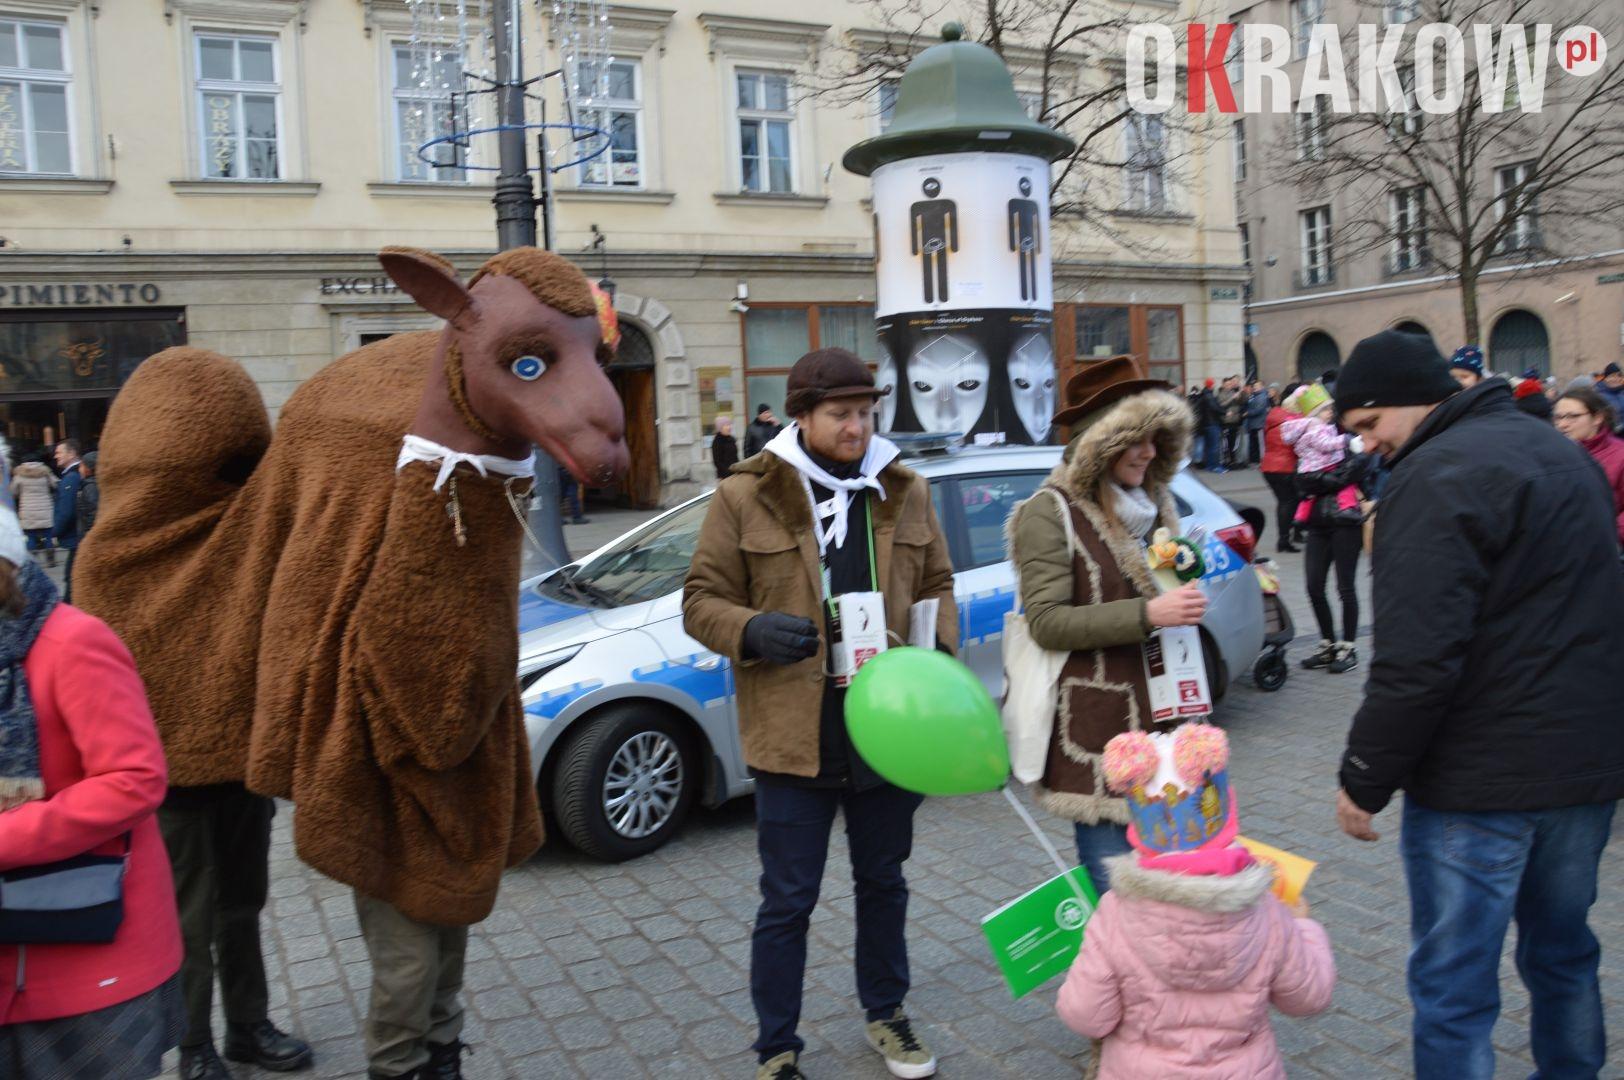 orszak 66 1 150x150 - Orszak Trzech Króli Kraków 2020 Galeria Zdjęć z Orszaku (czerwonego)